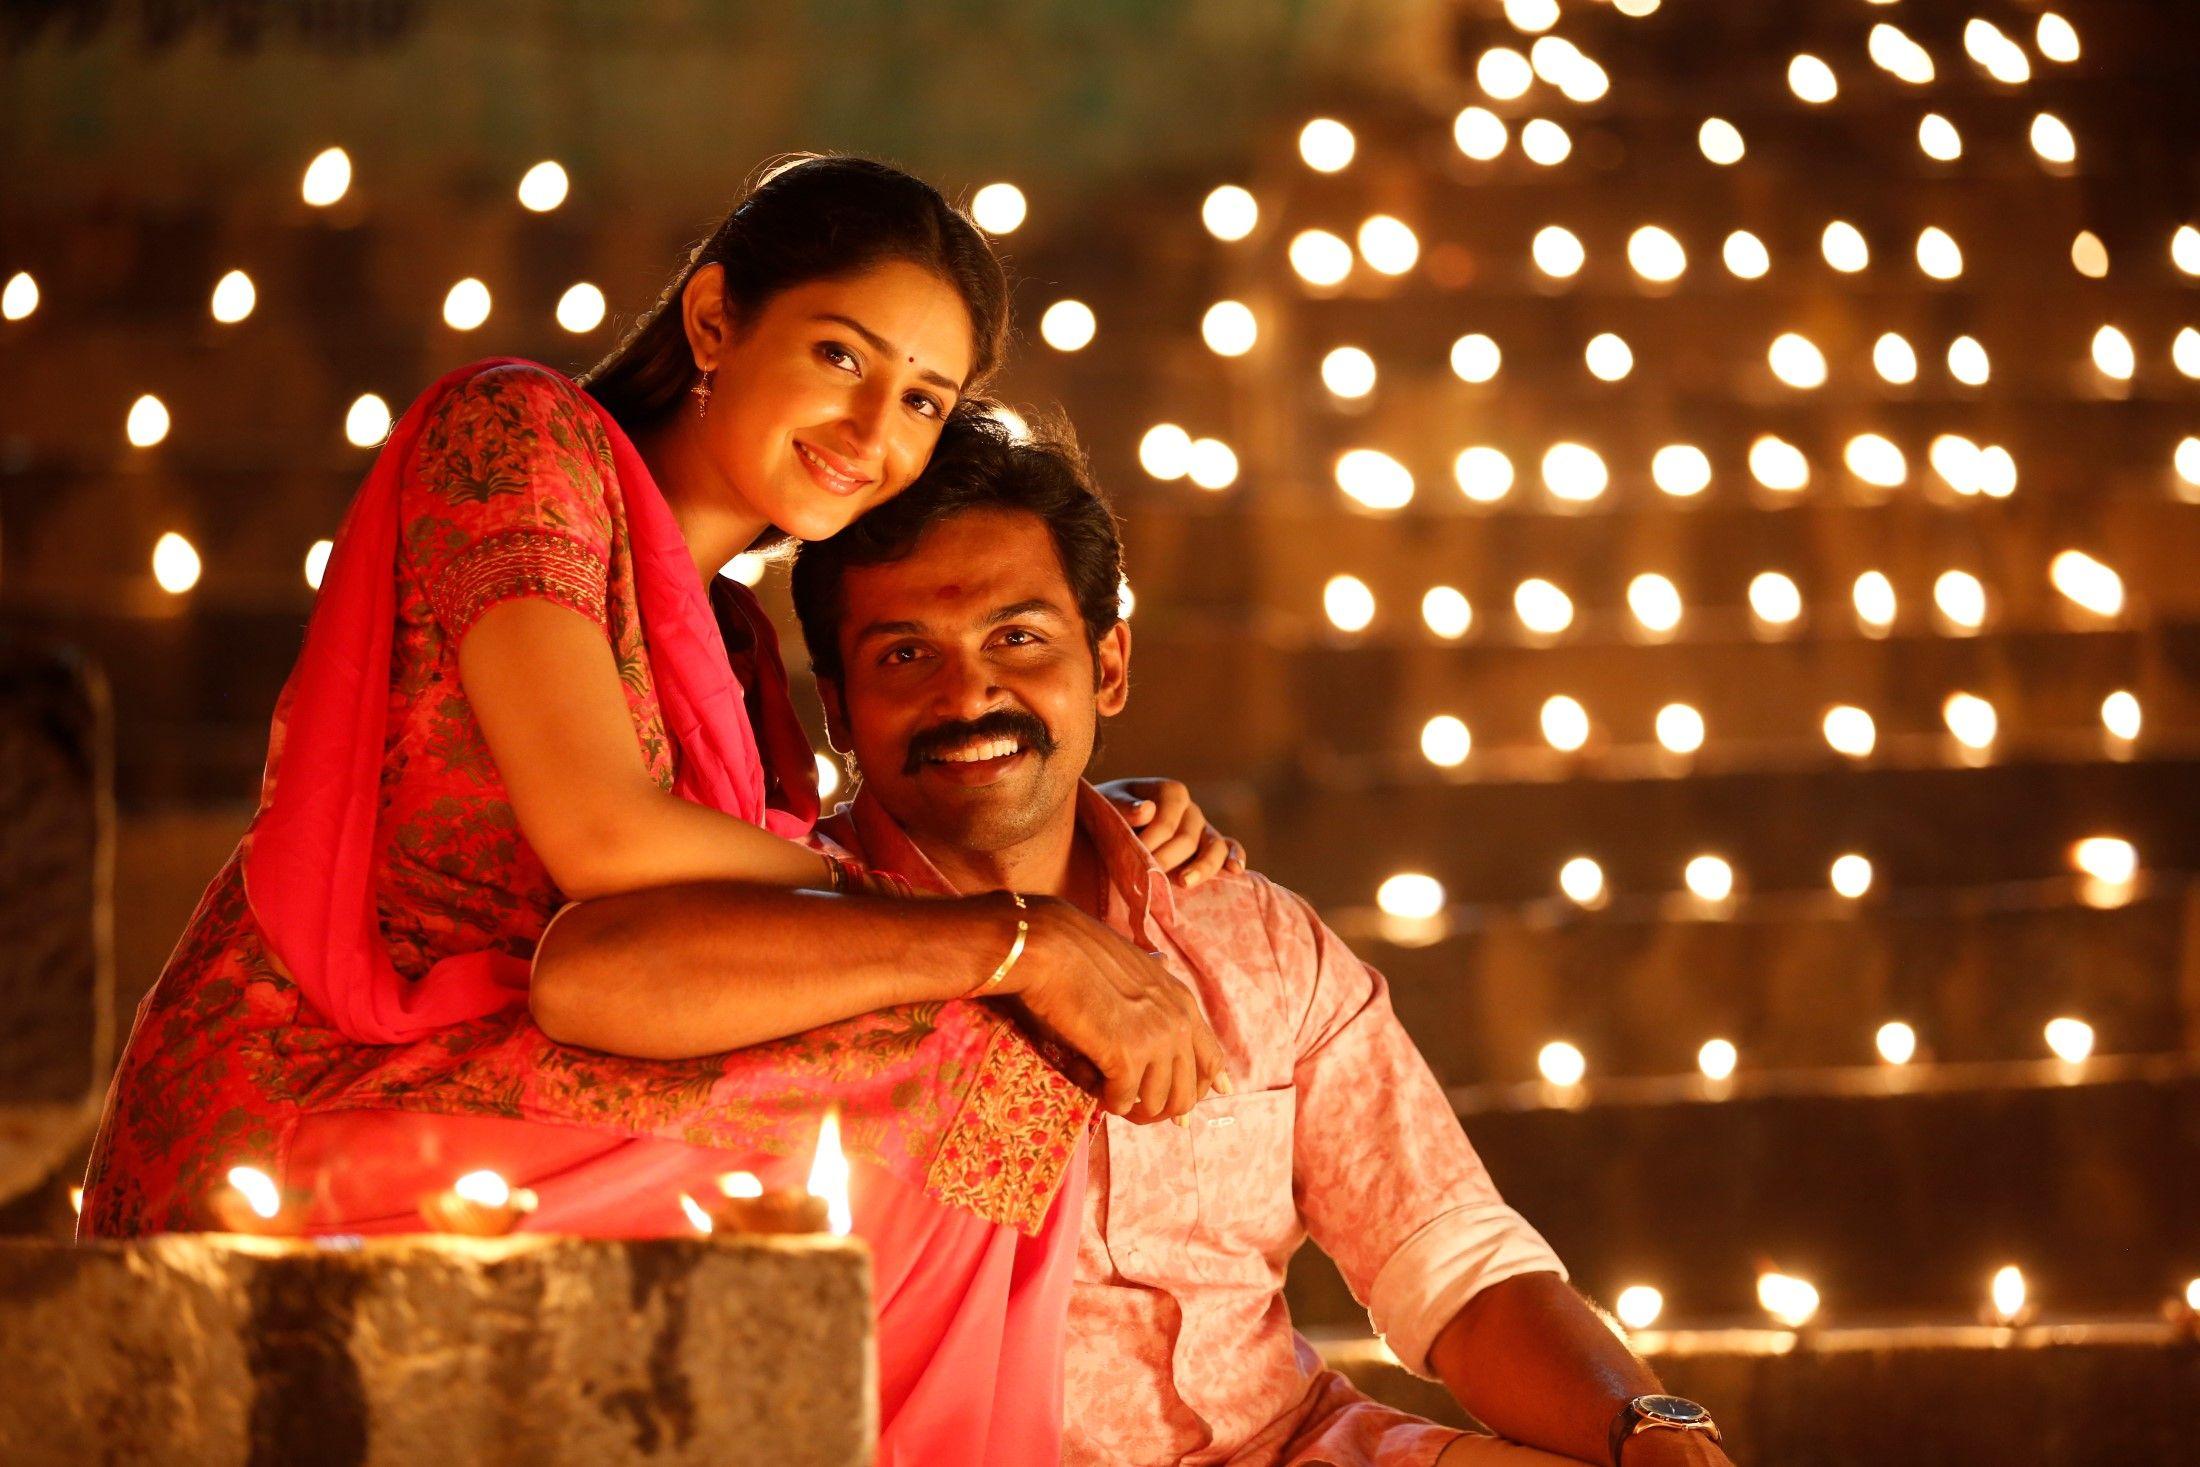 KarthiKadaikuttySingamMovieStillsHDPhotosImages5